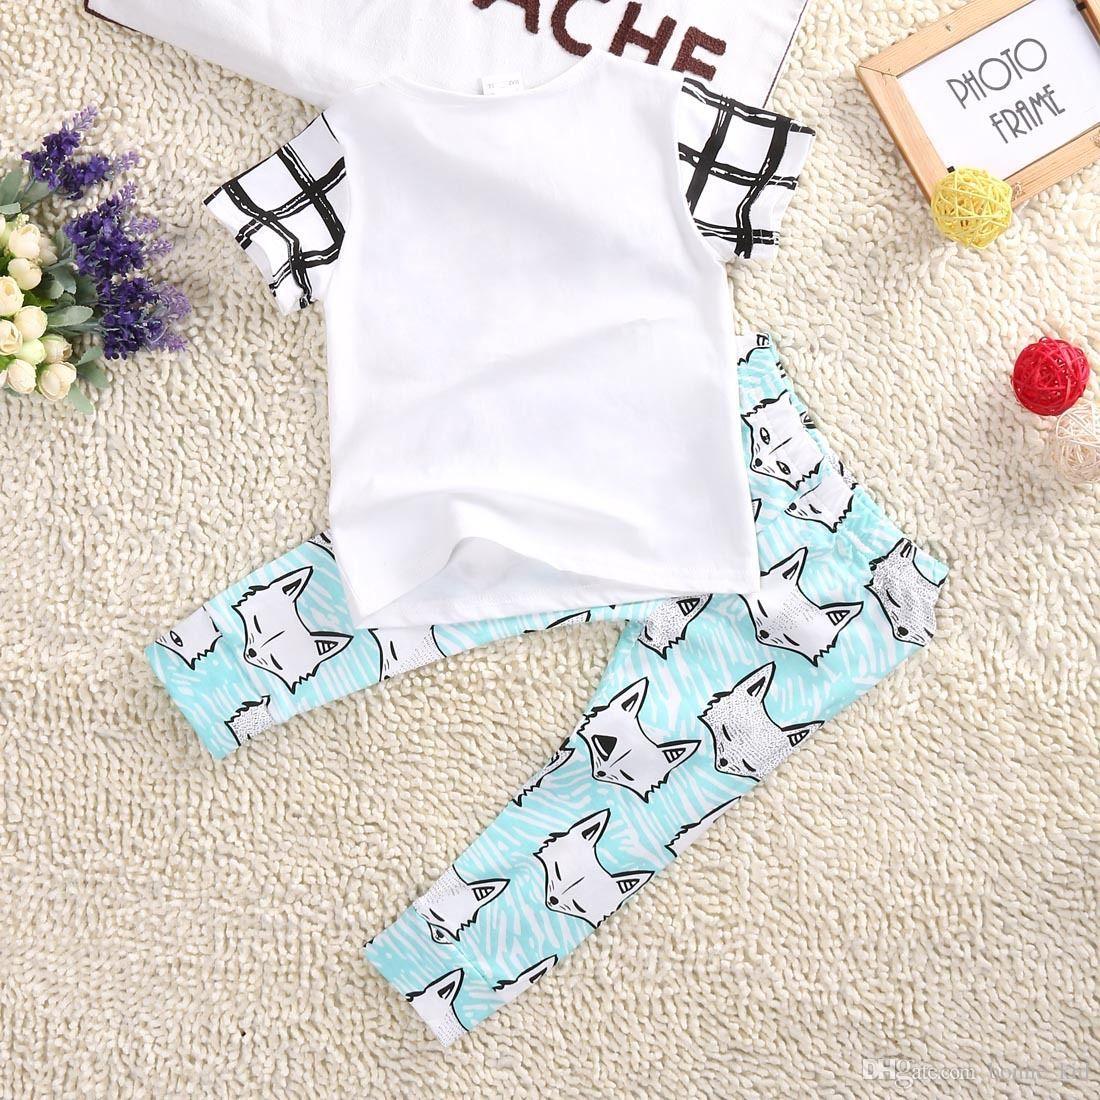 XO Algodón Orgánico Niño Niños Bebés Ropa Tops Camisetas Flechas Fox Light Blue Pantalones Trajes Set 1-5T Ropa para niños Producto al por mayor